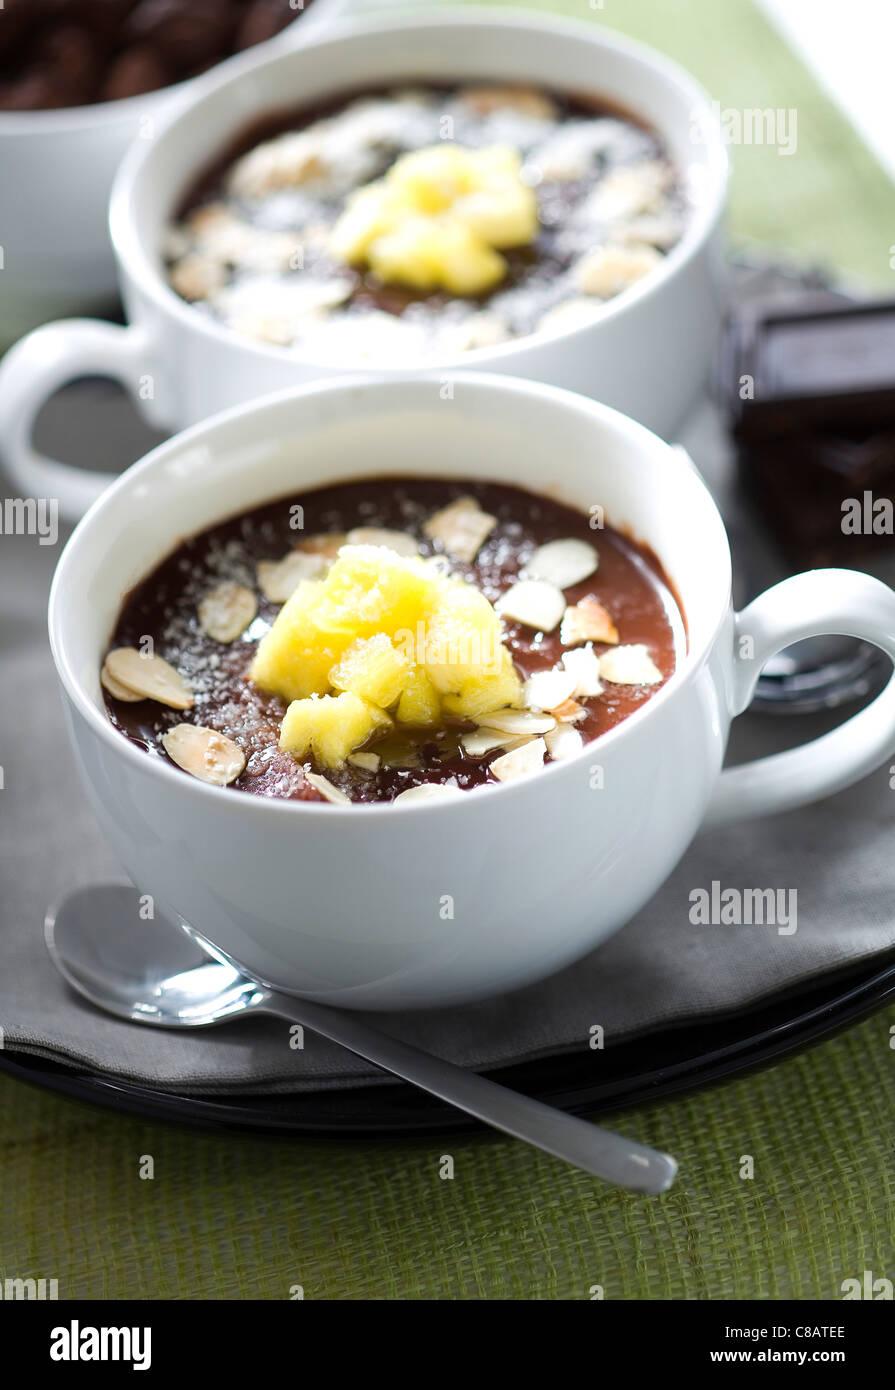 Crème dessert au chocolat avec amandes, ananas, noix de coco Photo Stock